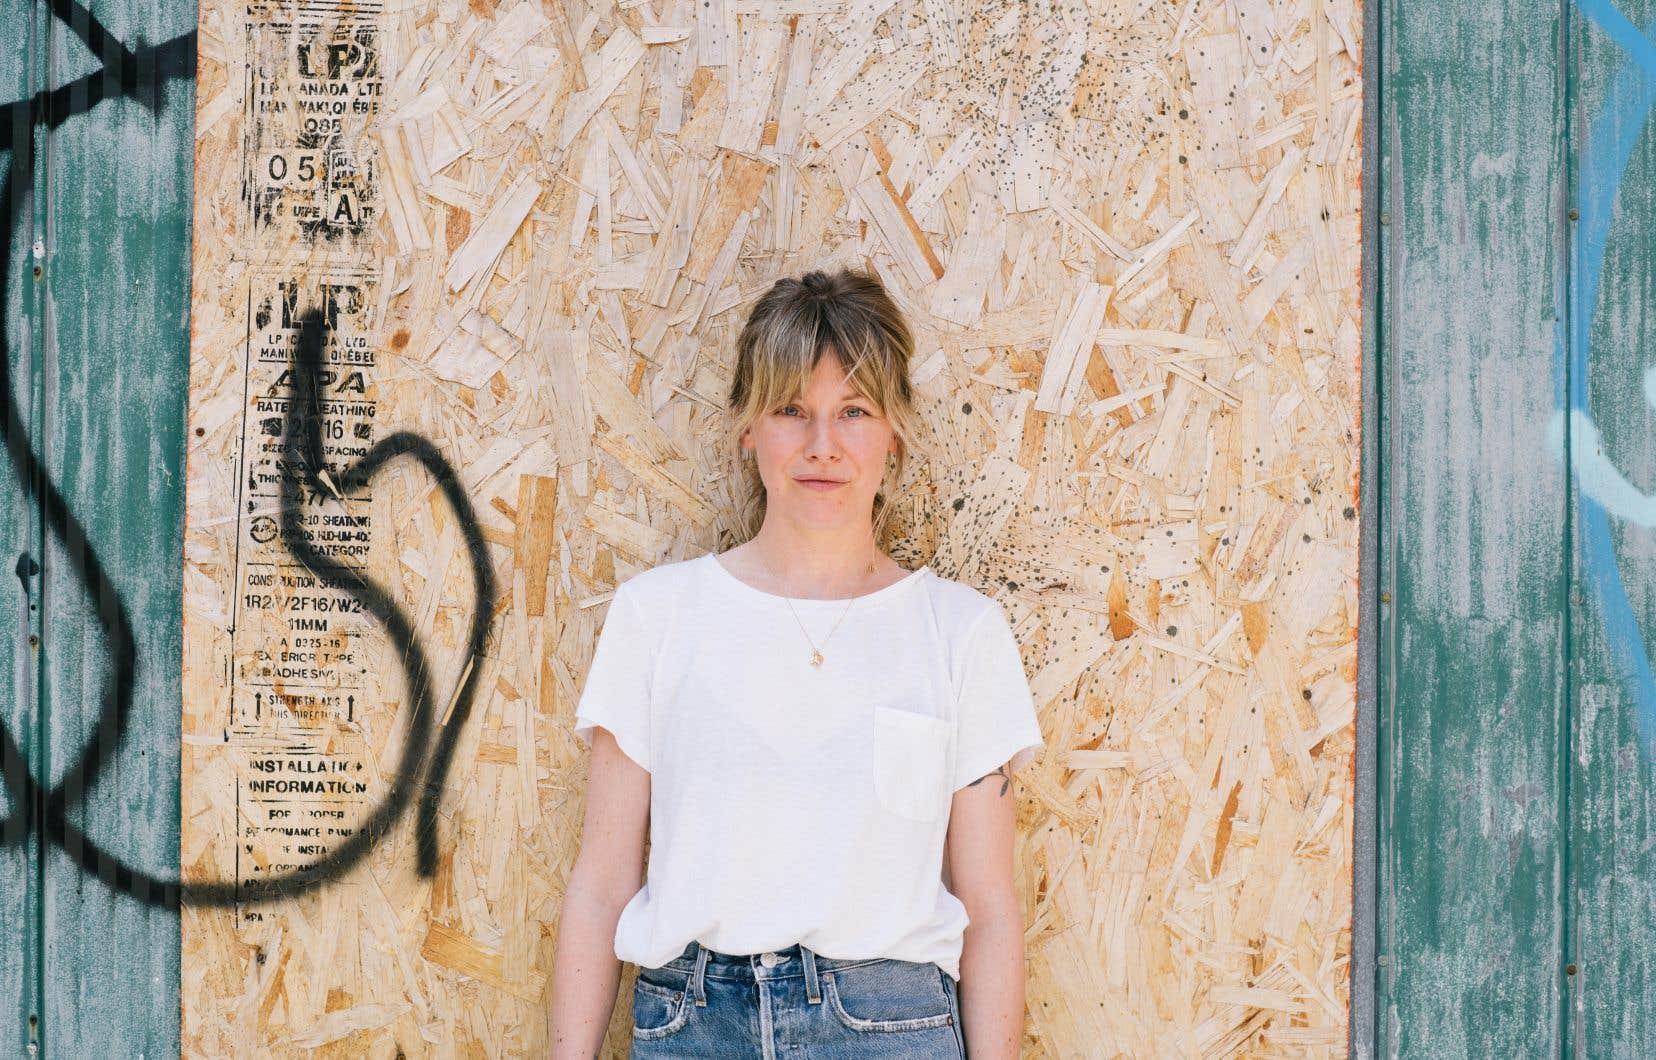 La chanteuse et guitariste Laurence Hélie, alias Mirabelle, revient sur le devant de la scène après sept ans d'absence.